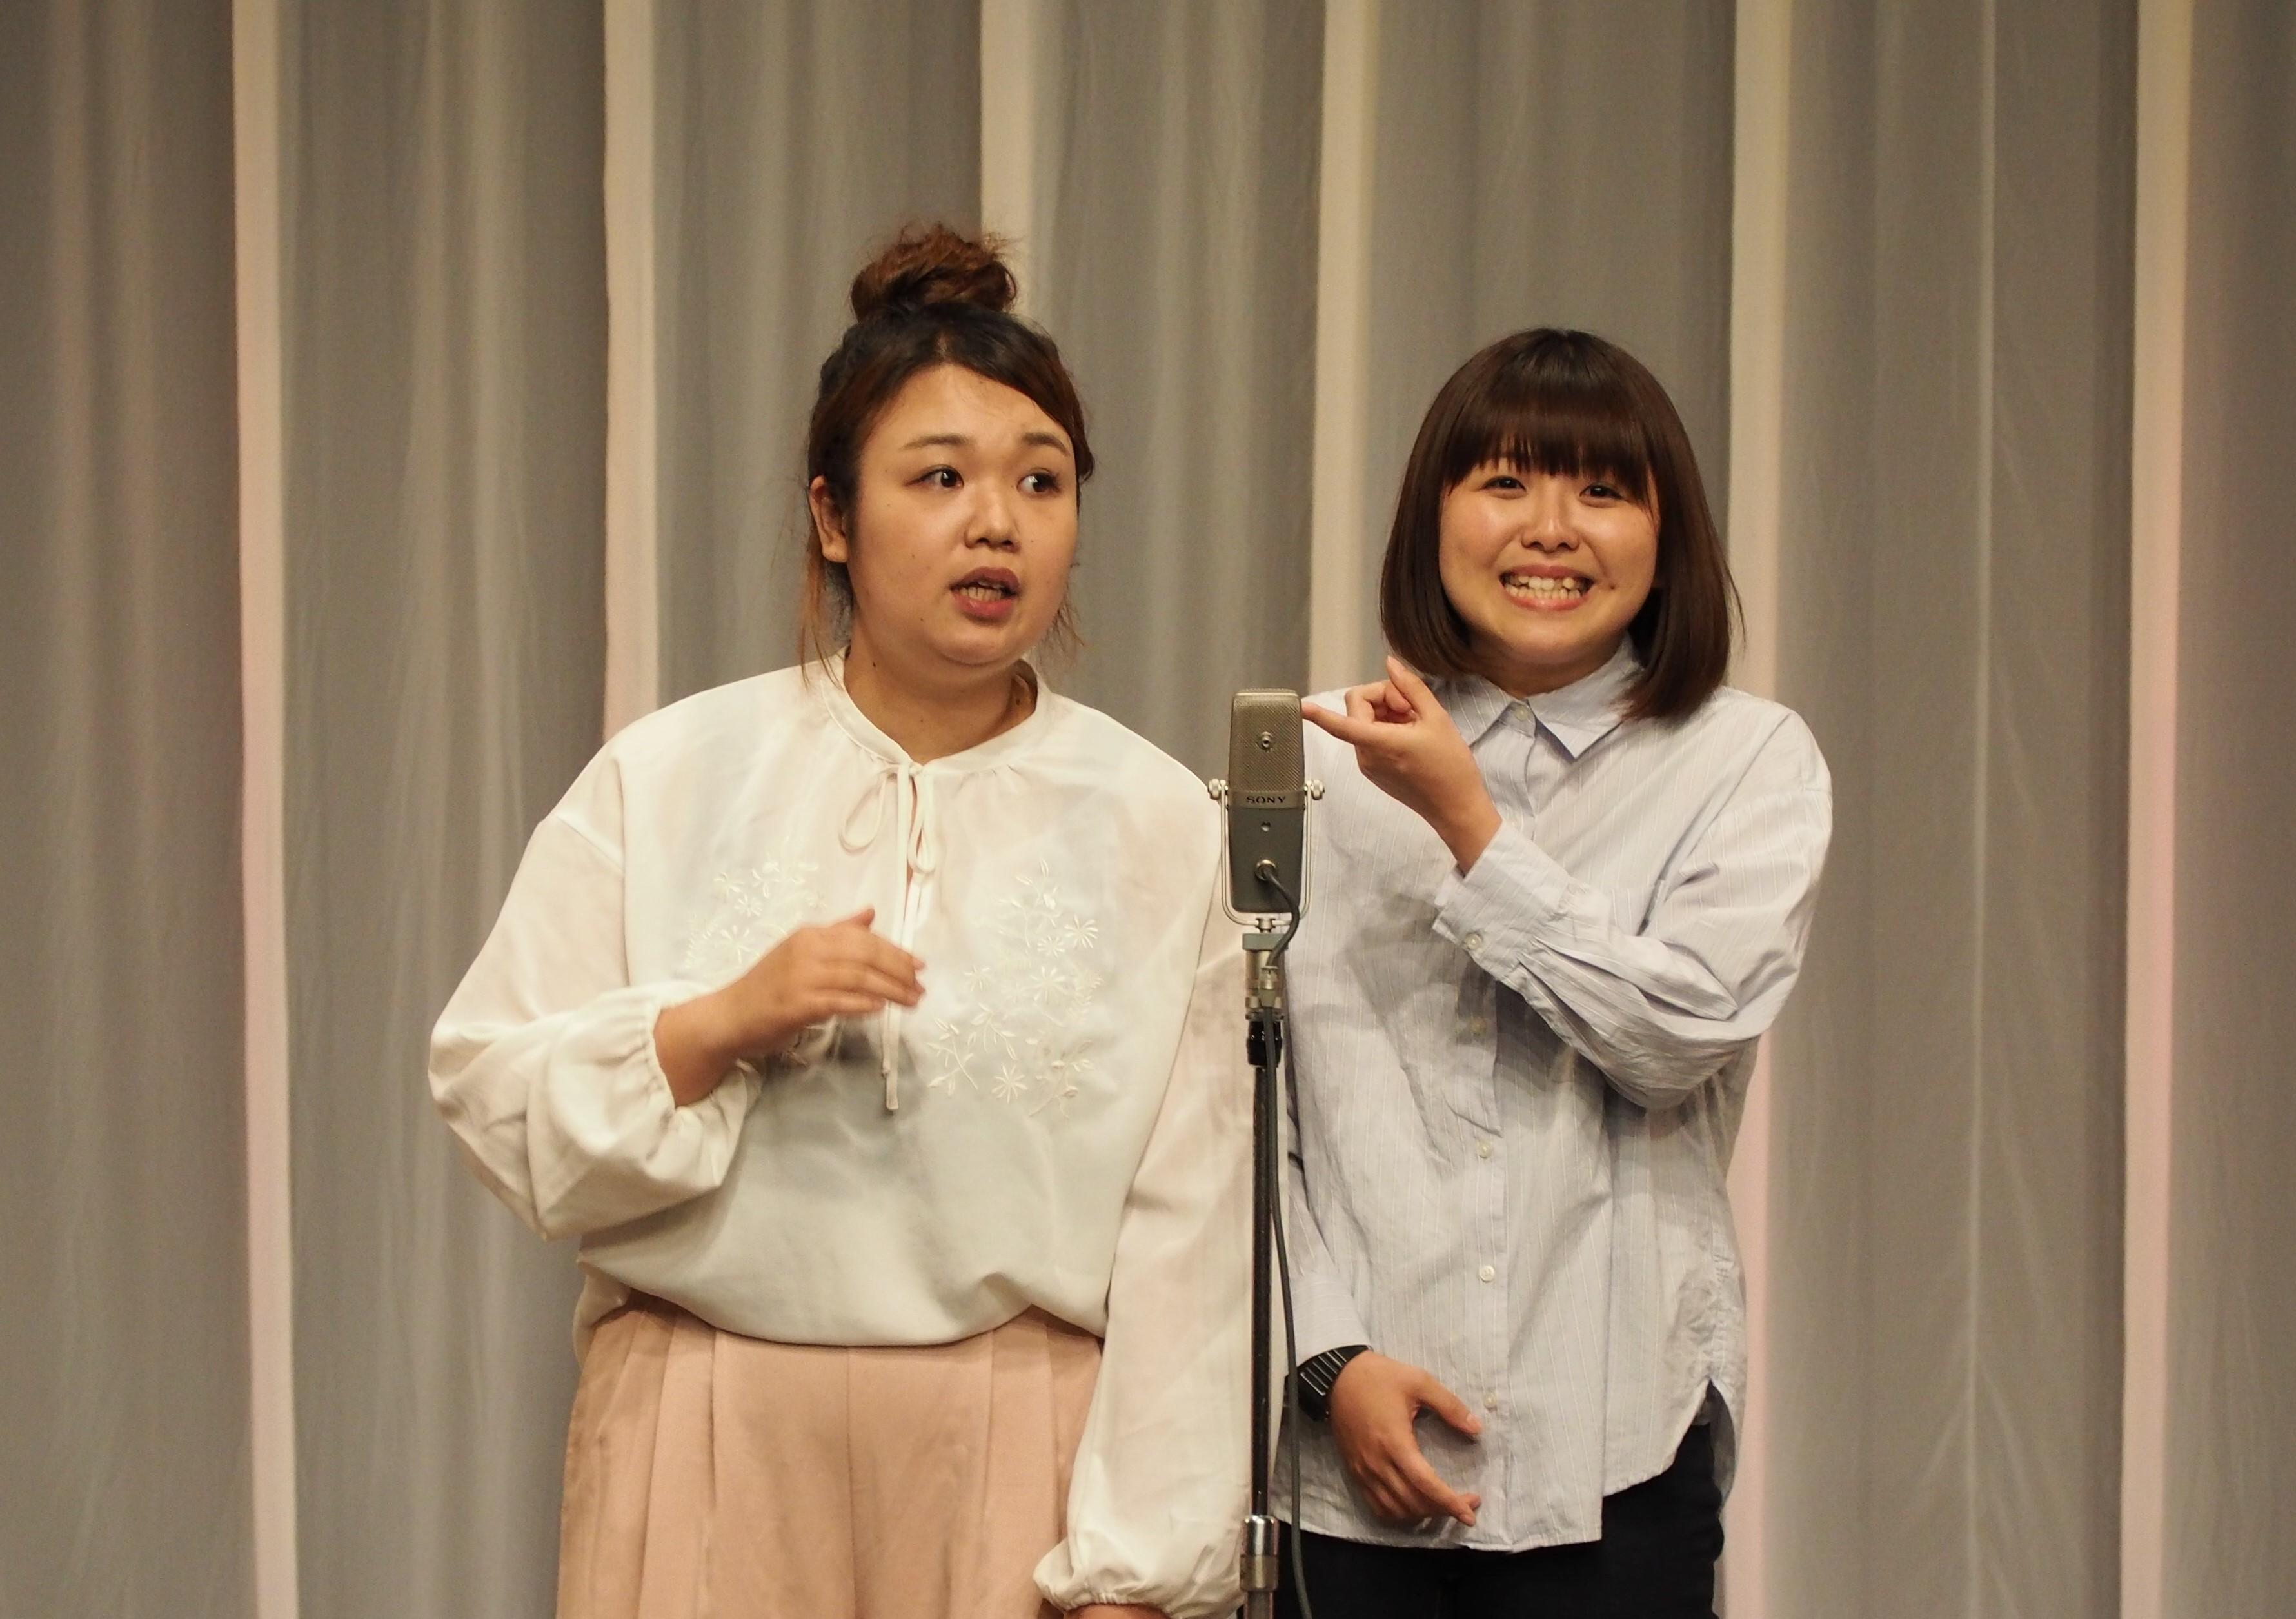 http://news.yoshimoto.co.jp/20180704113333-8c605a9a07c11fe8e30e2e59e74fb224156b1401.jpg